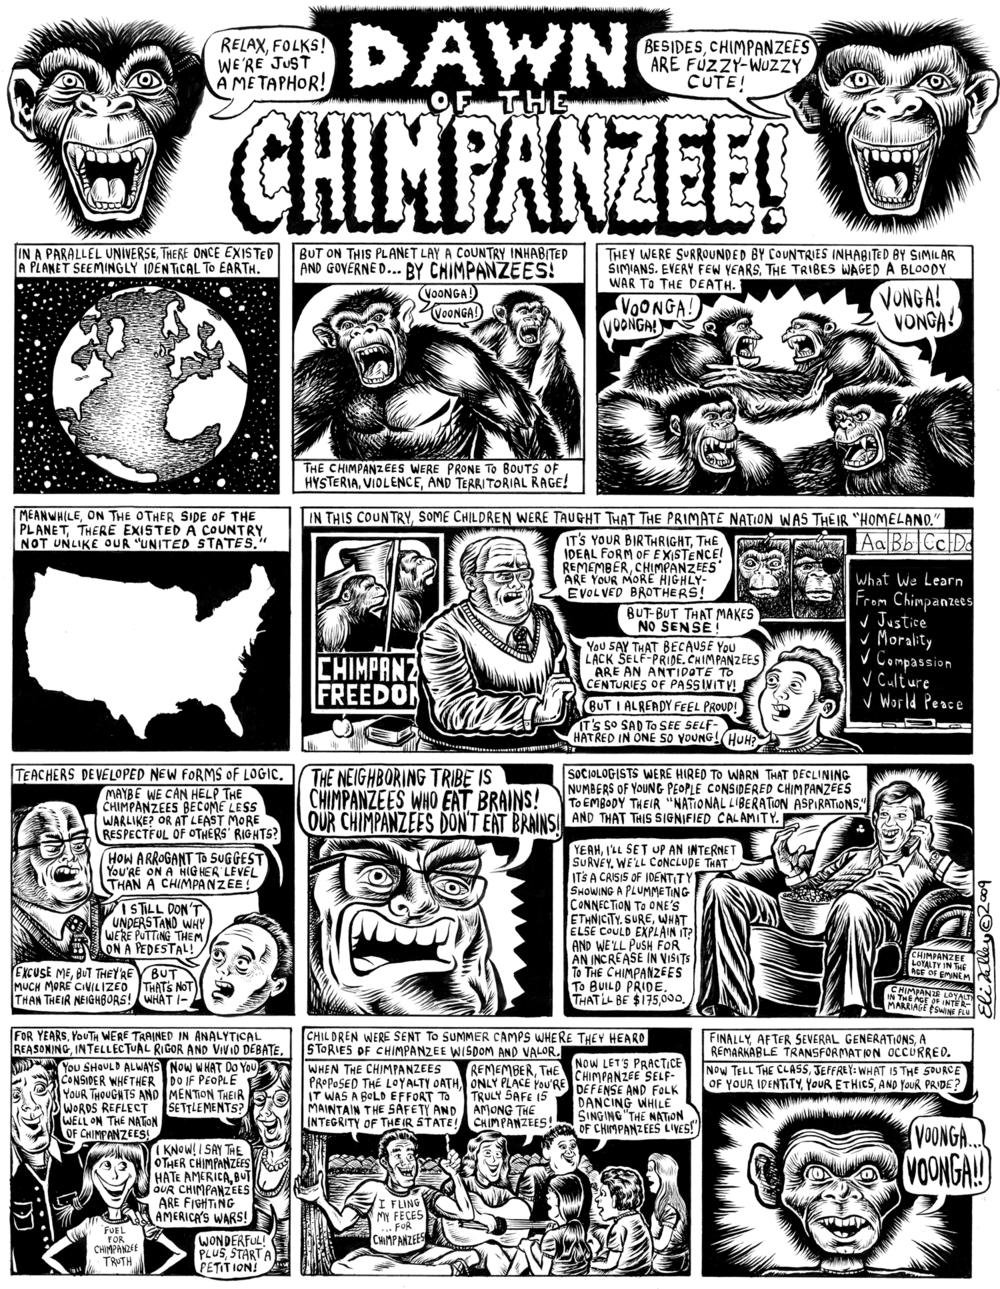 Dawn Of Chimpanzee: Israel Education. Gawker, 8/18/09